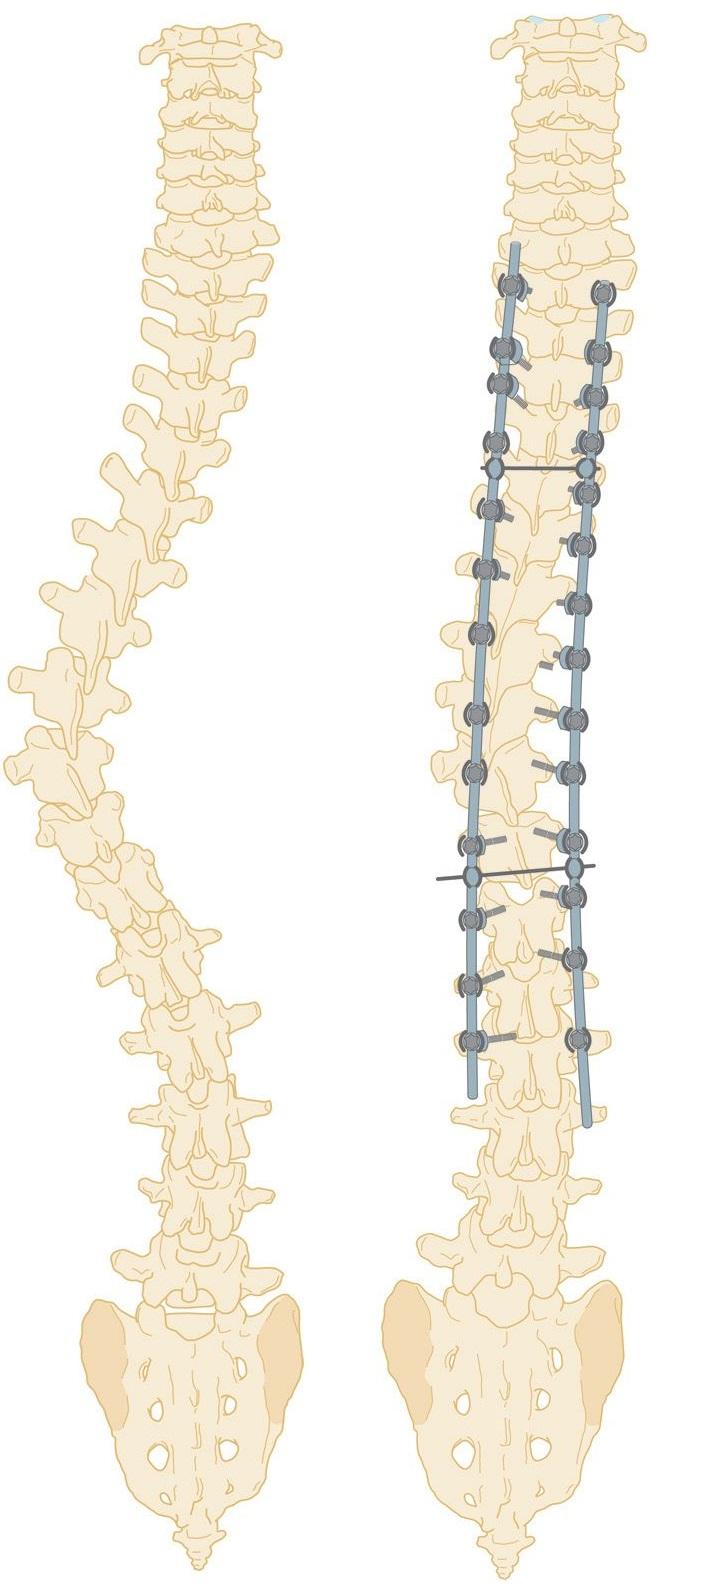 Scoliose lombaire : Le b.a-ba pour comprendre la scoliose chez l'enfant